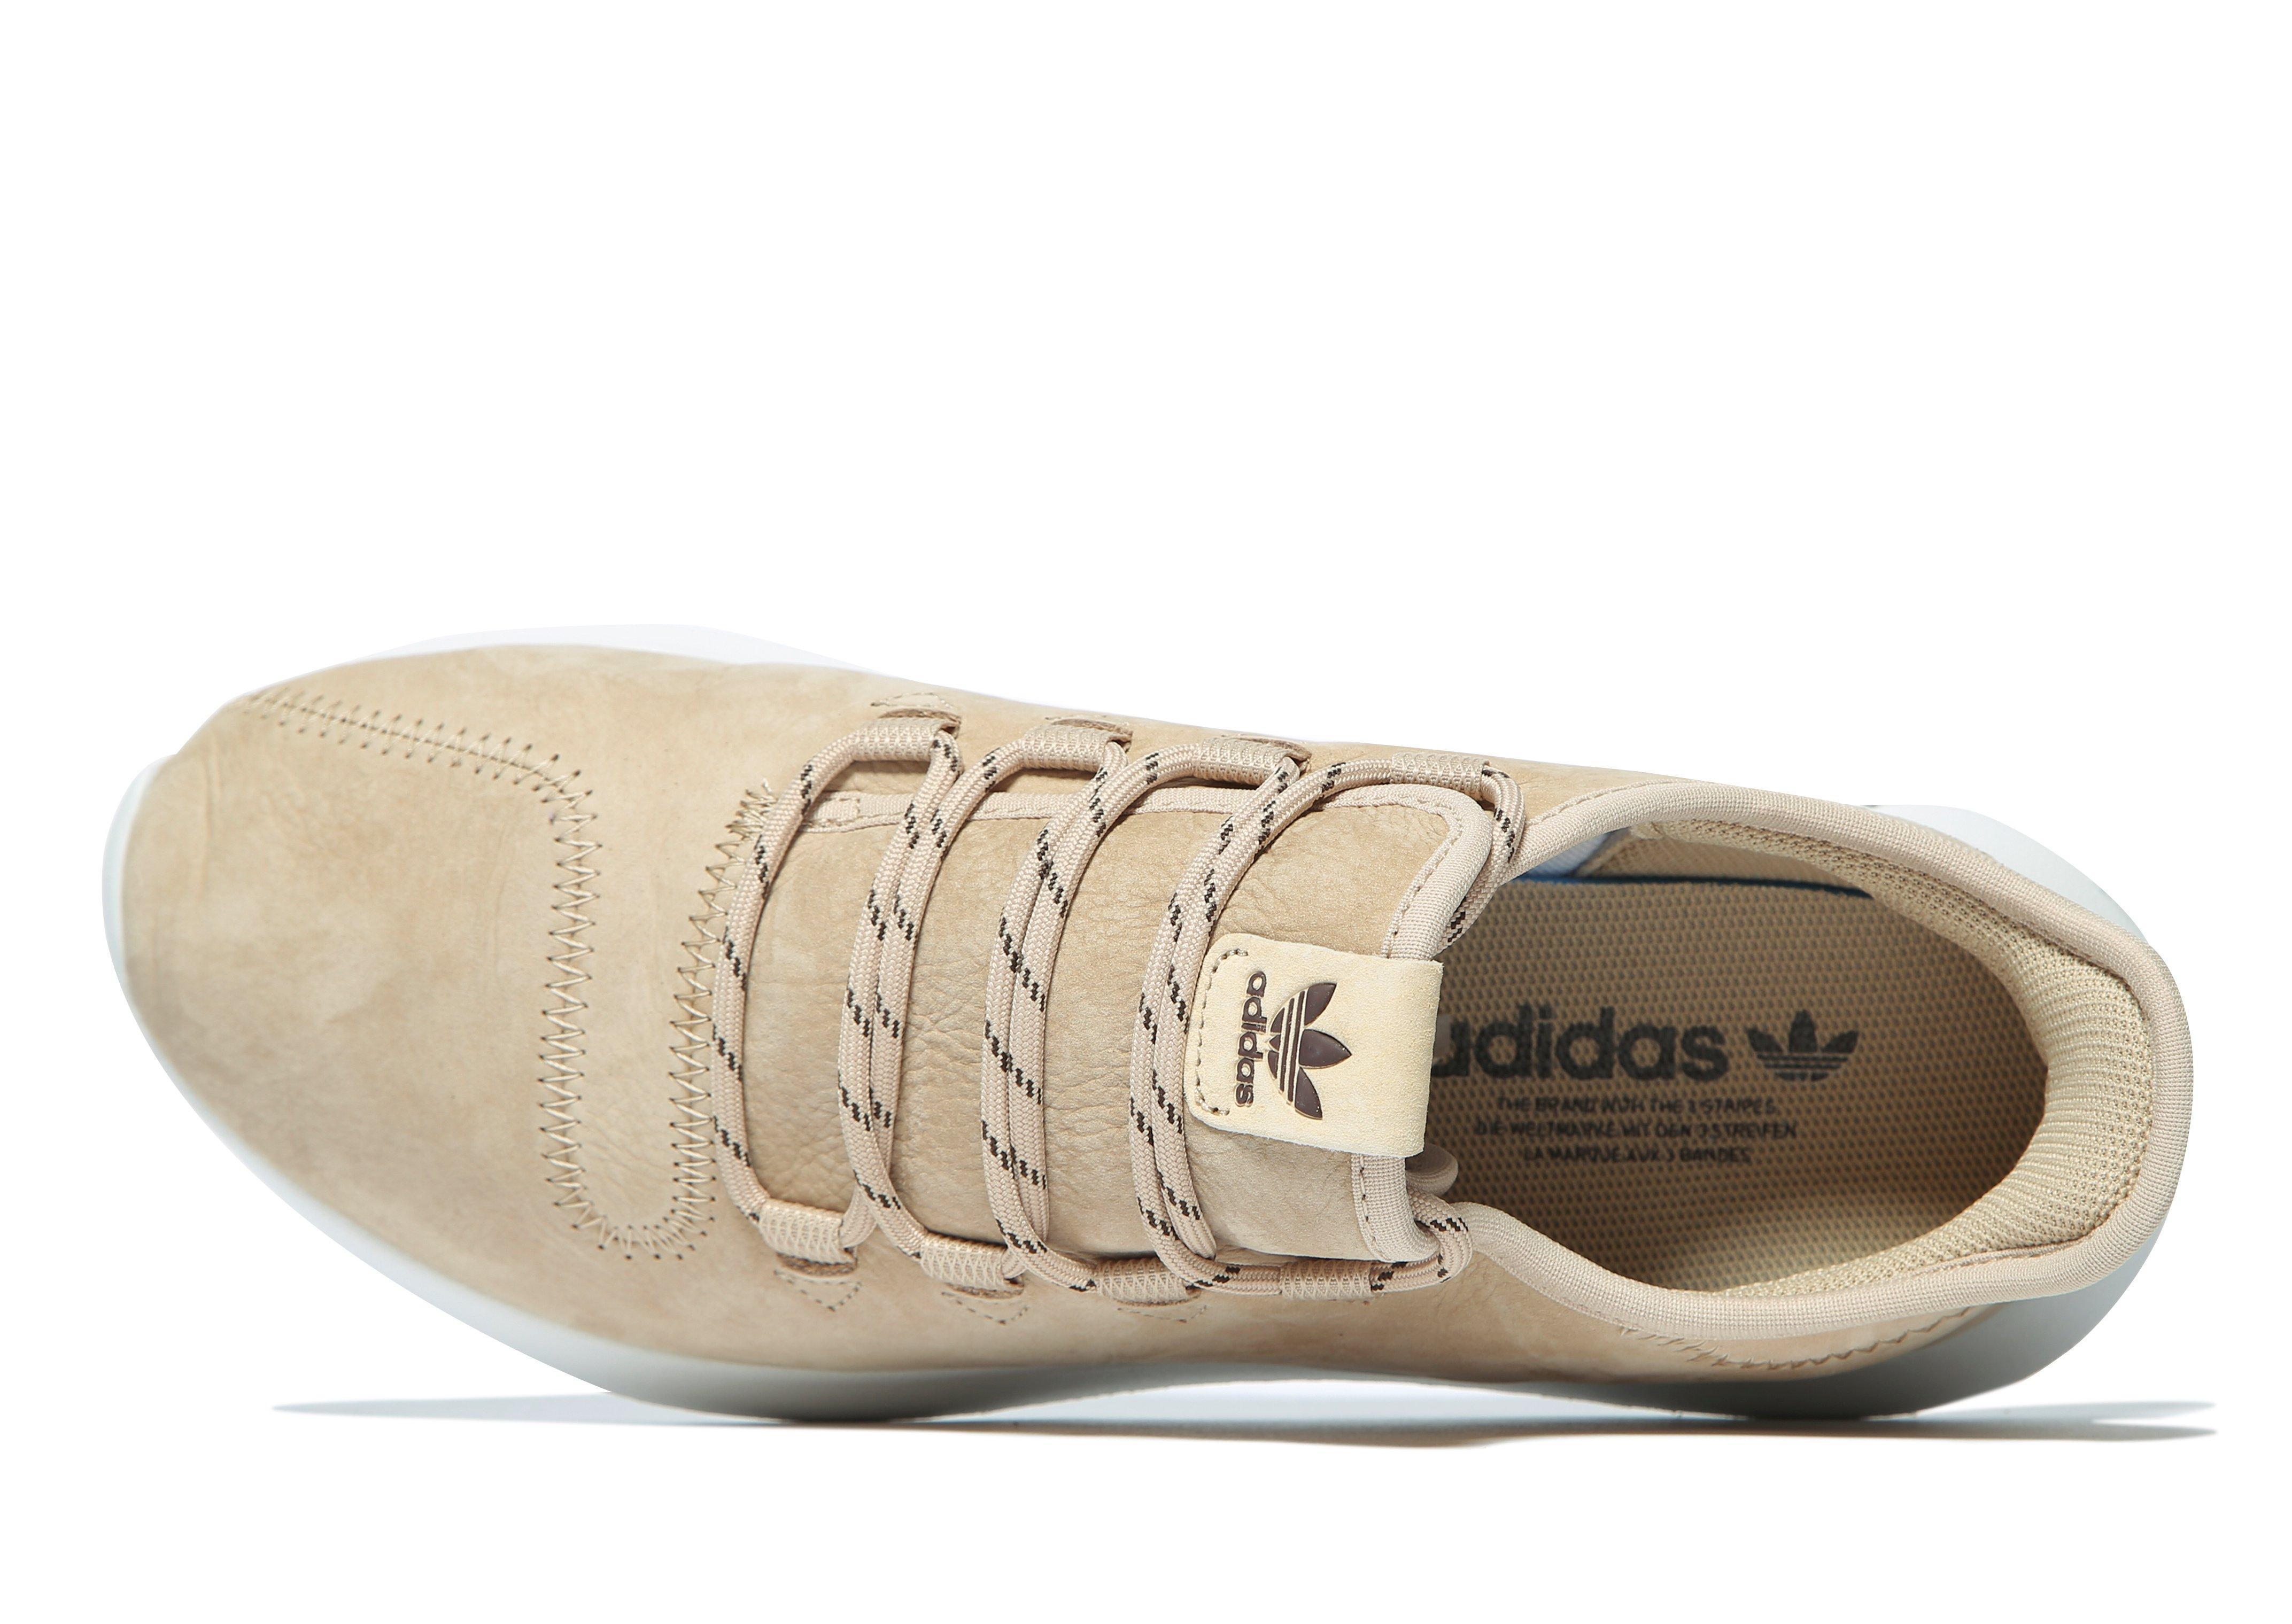 Adidas Originals tubular de sombra de cuero en marrón Lyst